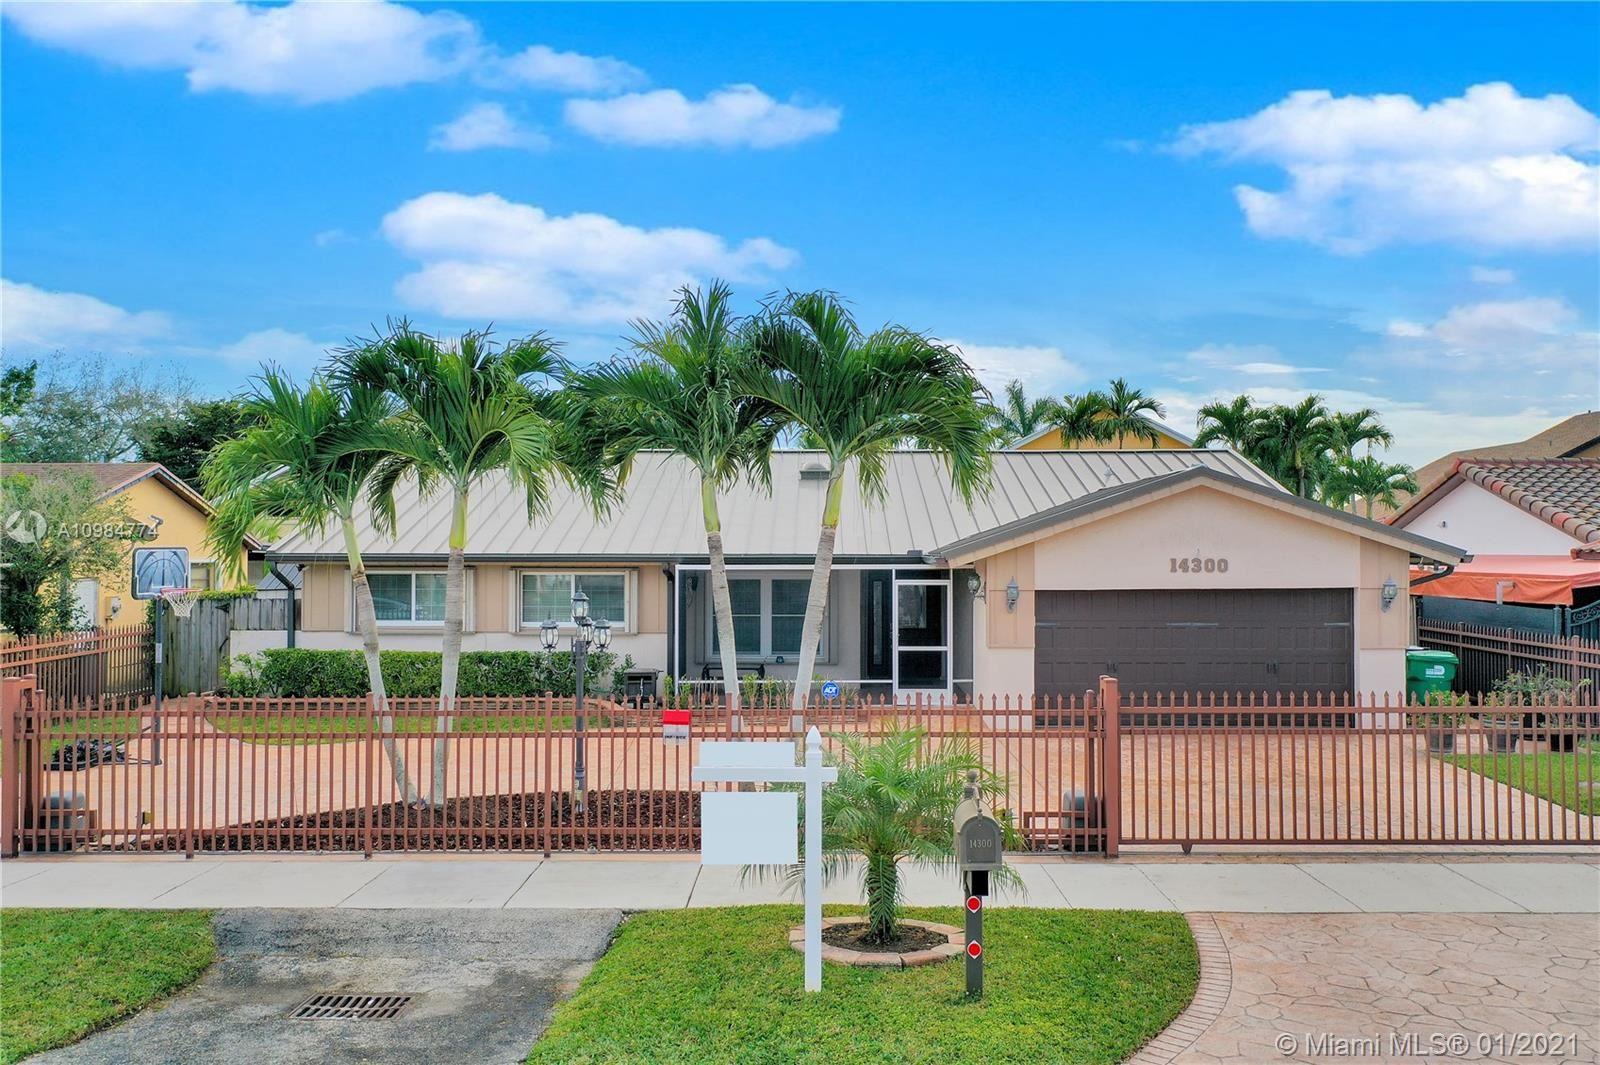 14300 SW 105th Ter, Miami, FL 33186 - #: A10984774